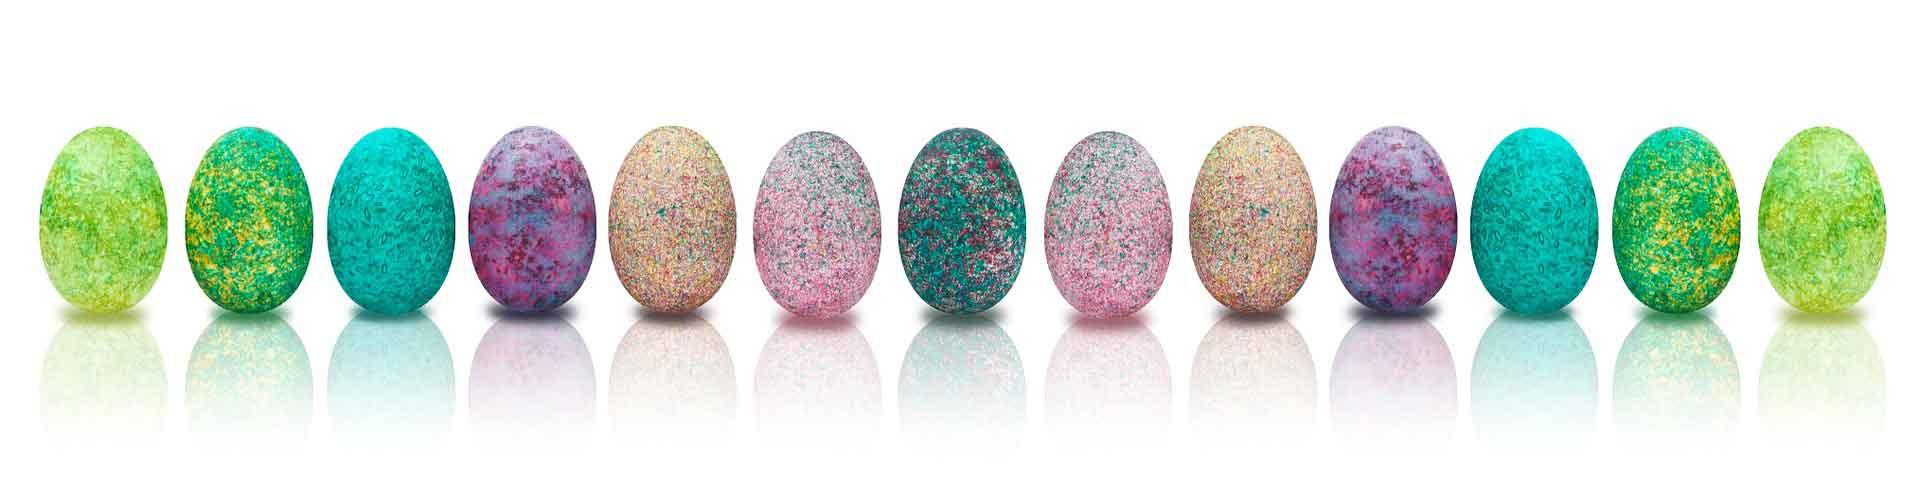 Húsvéti dekorációs tojások